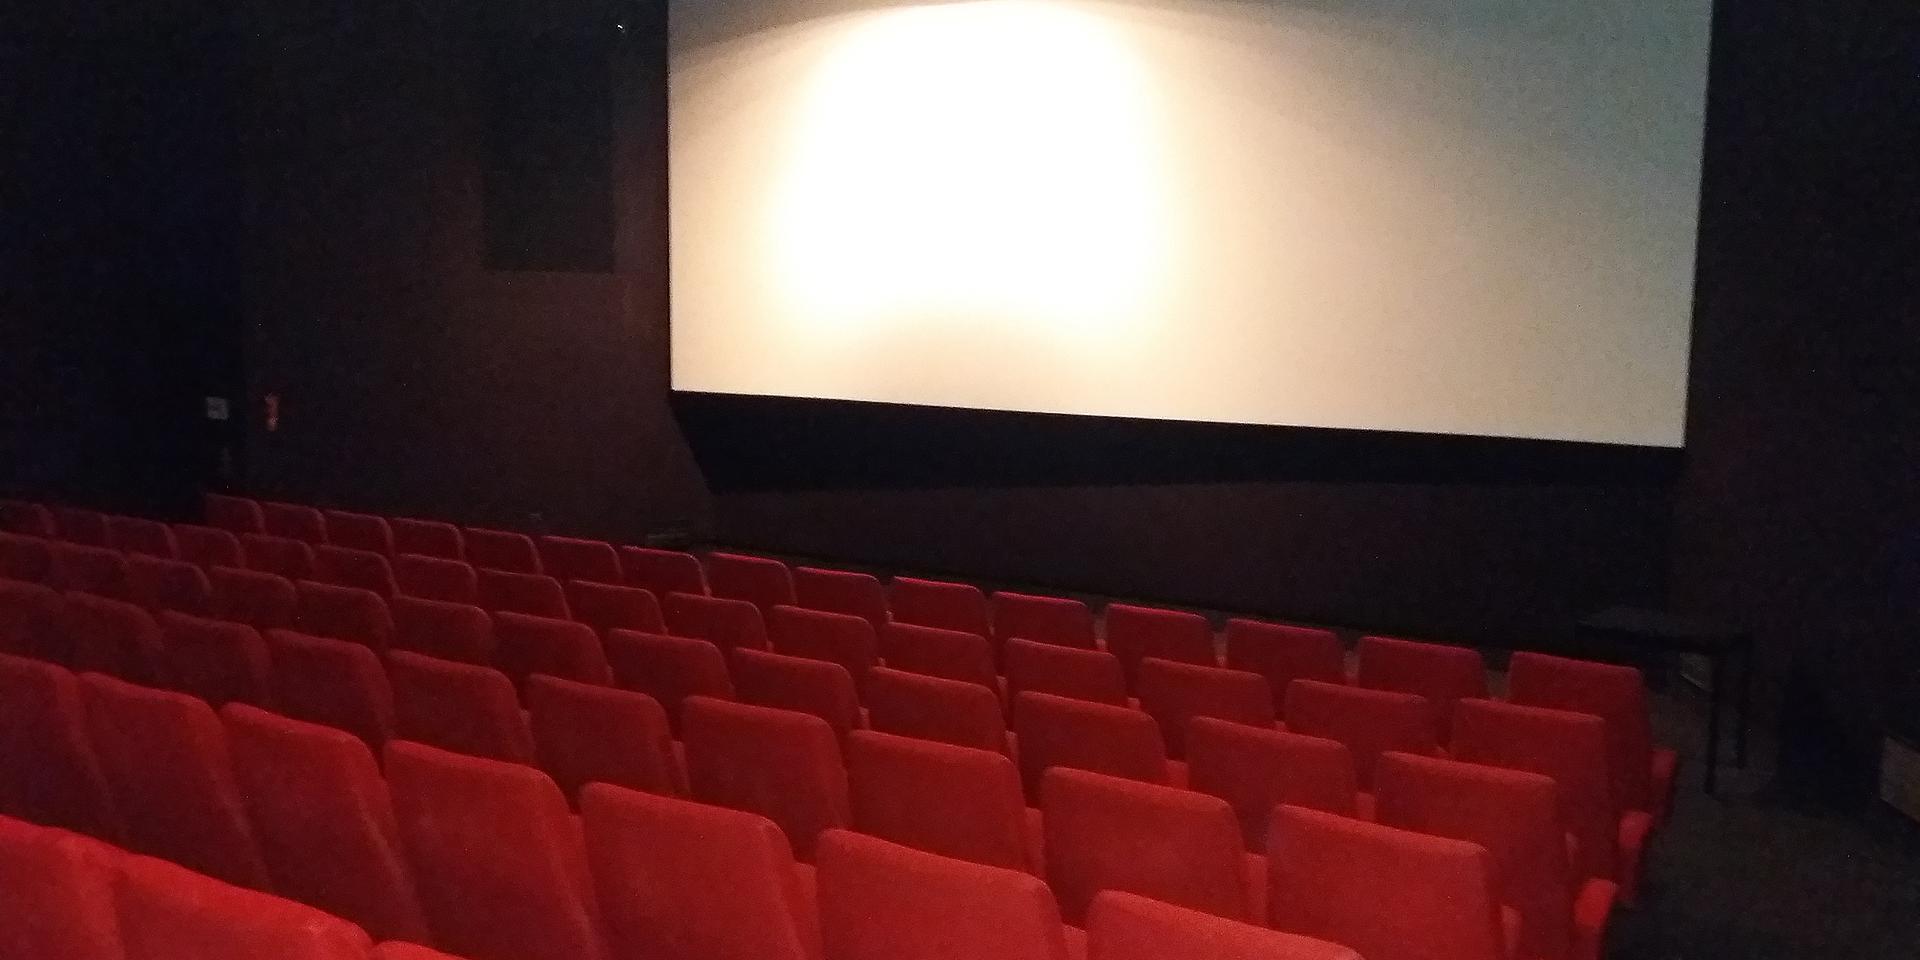 Cinéma de Mende  10 salles de projections de films & des